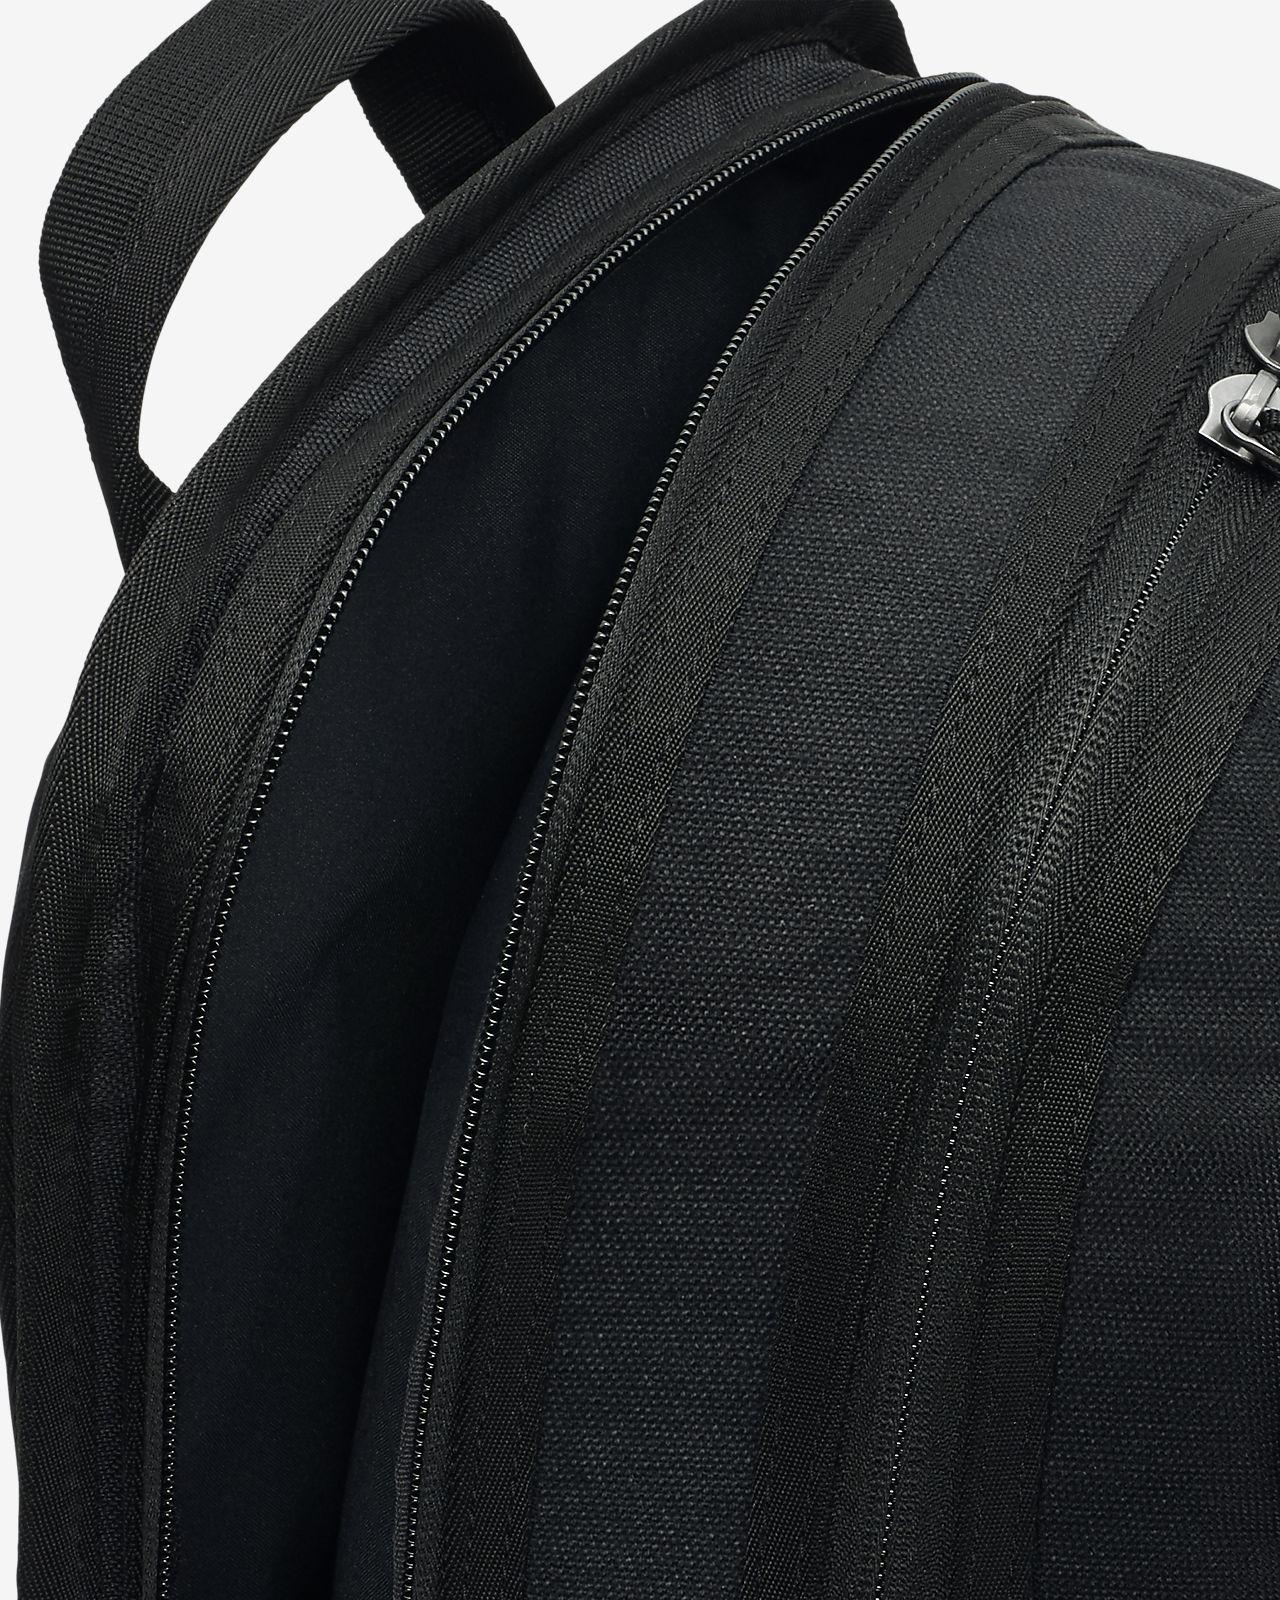 e024ed0fa Low Resolution Nike SB RPM Skateboarding Backpack Nike SB RPM Skateboarding  Backpack